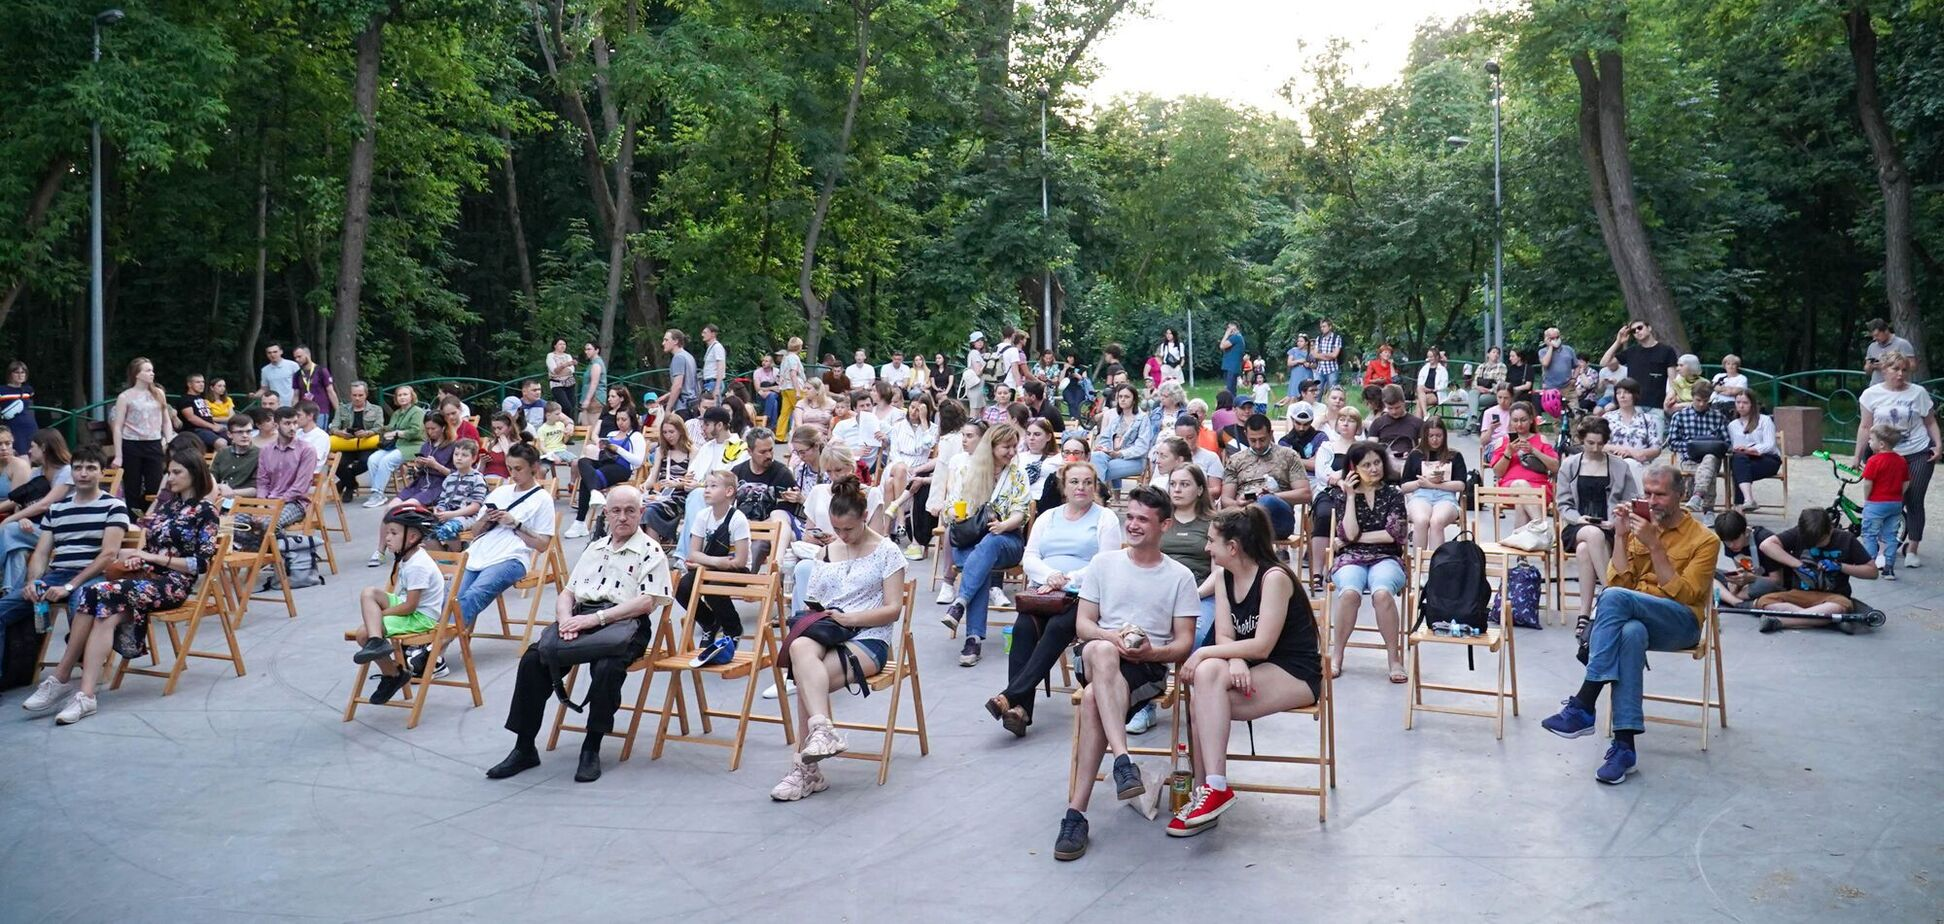 В Киеве в рамках проекта Мемориального центра 'Бабий Яр' состоится кинофестиваль 'Соседи': программа